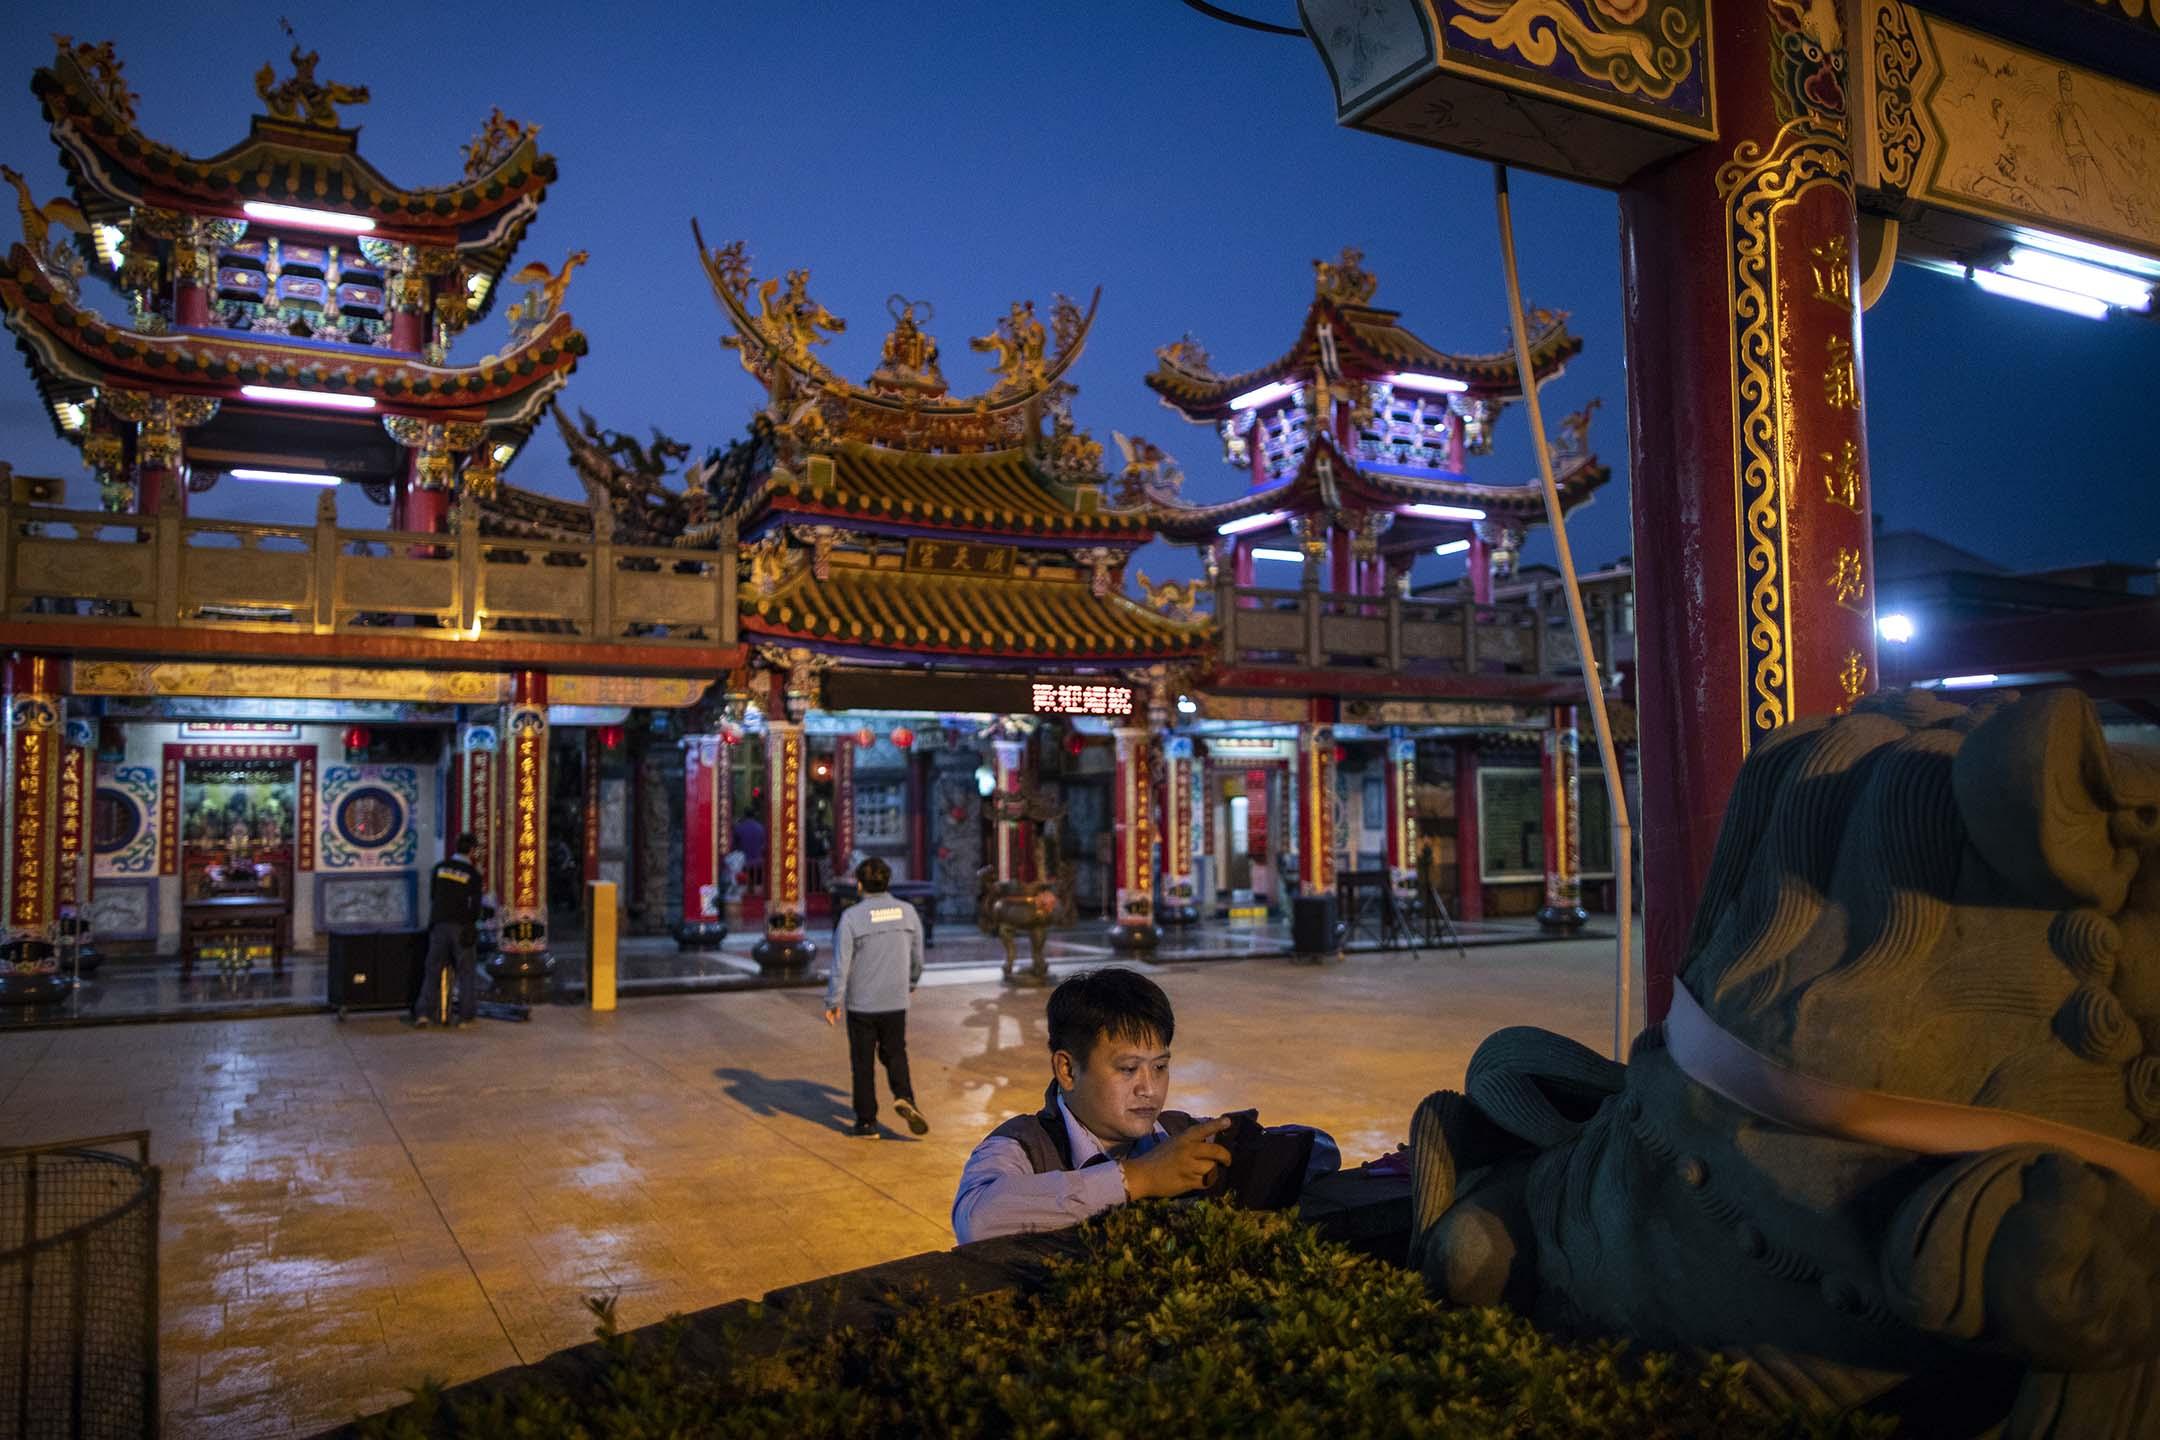 2019年12月23日,蔡英文在雲林順天宮參拜之後。 攝:陳焯煇/端傳媒